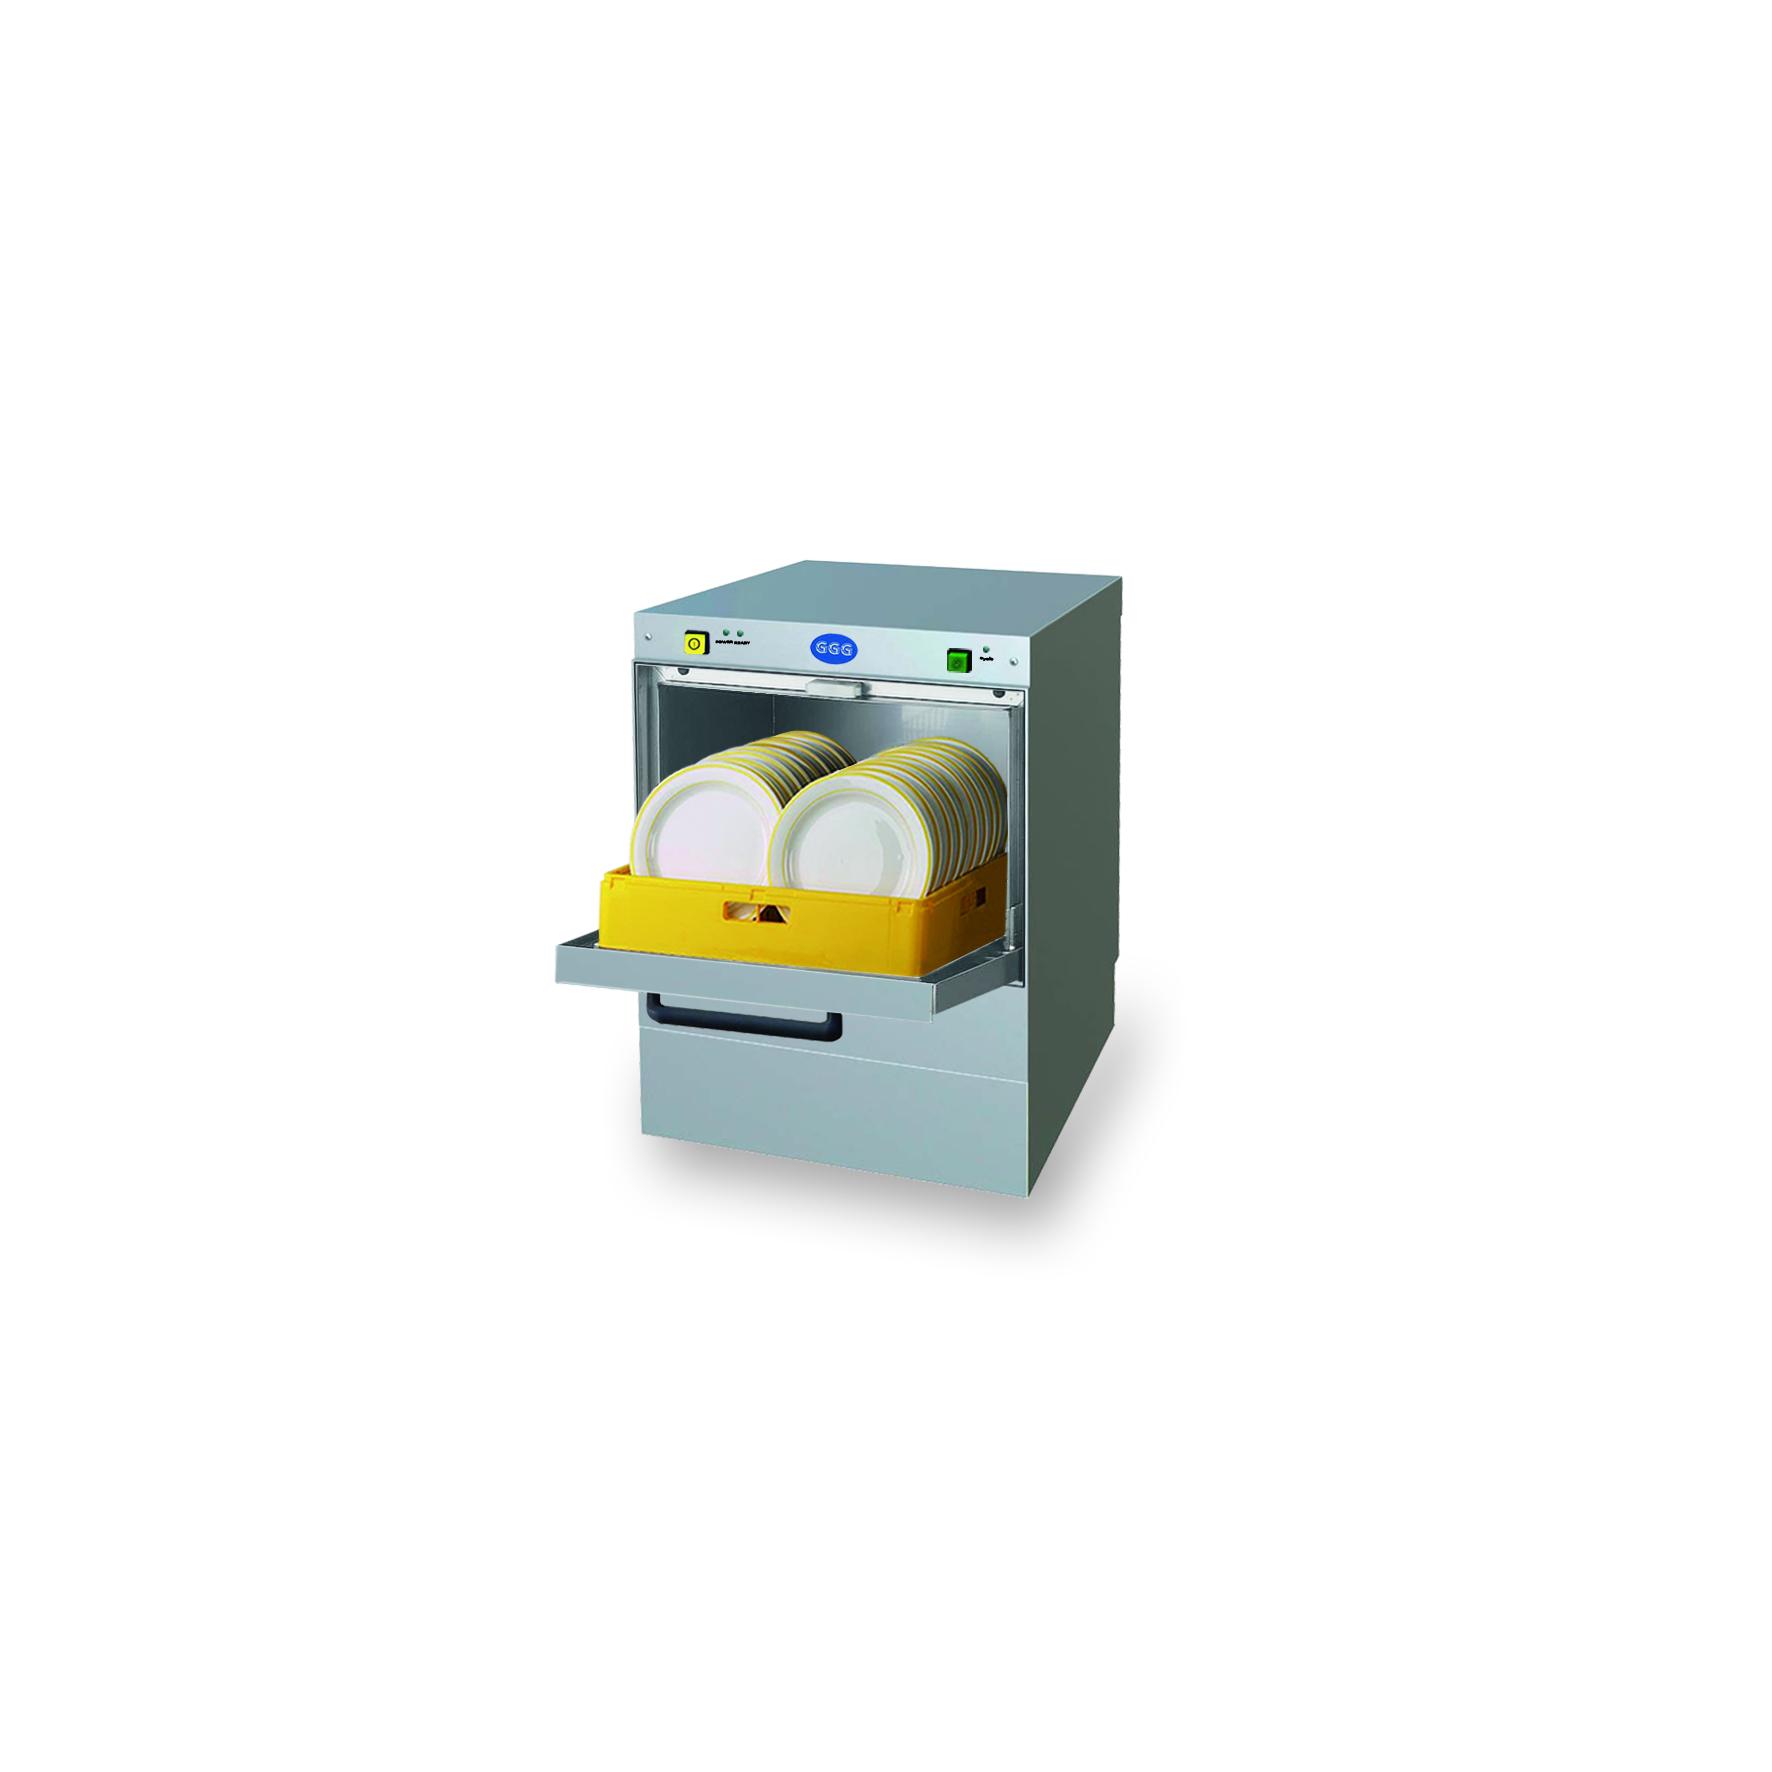 Inlustrius shop lave vaisselle professionnel avec pompe - Nettoyer pompe lave vaisselle ...